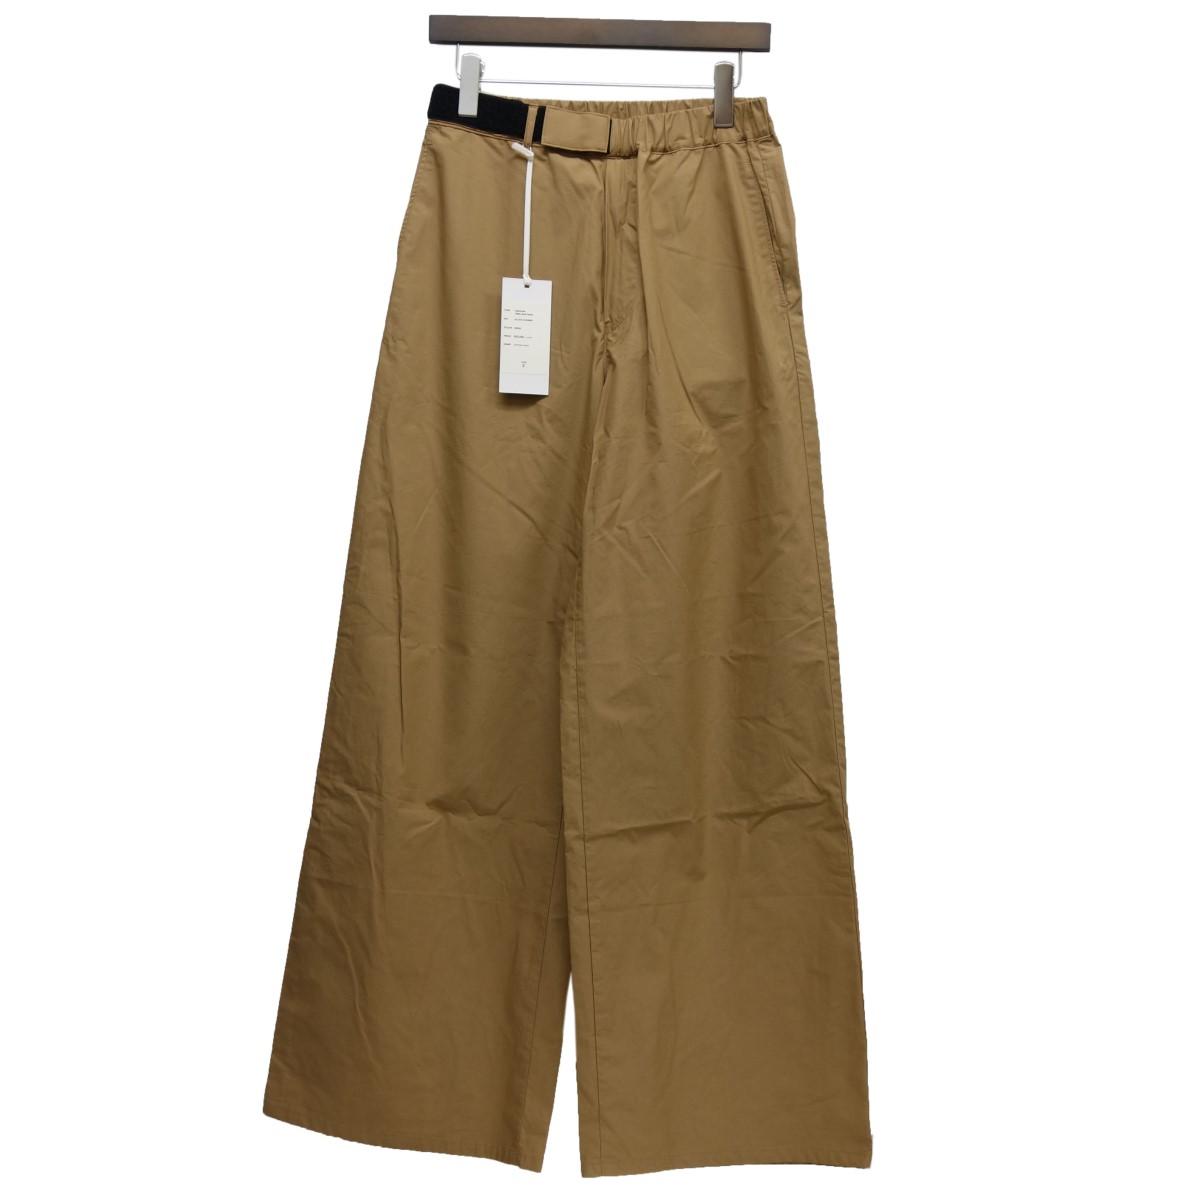 【中古】Graphpaper 19SS「Typewrier Wide Cook Pants」コックパンツ ベージュ サイズ:F 【080820】(グラフペーパー)